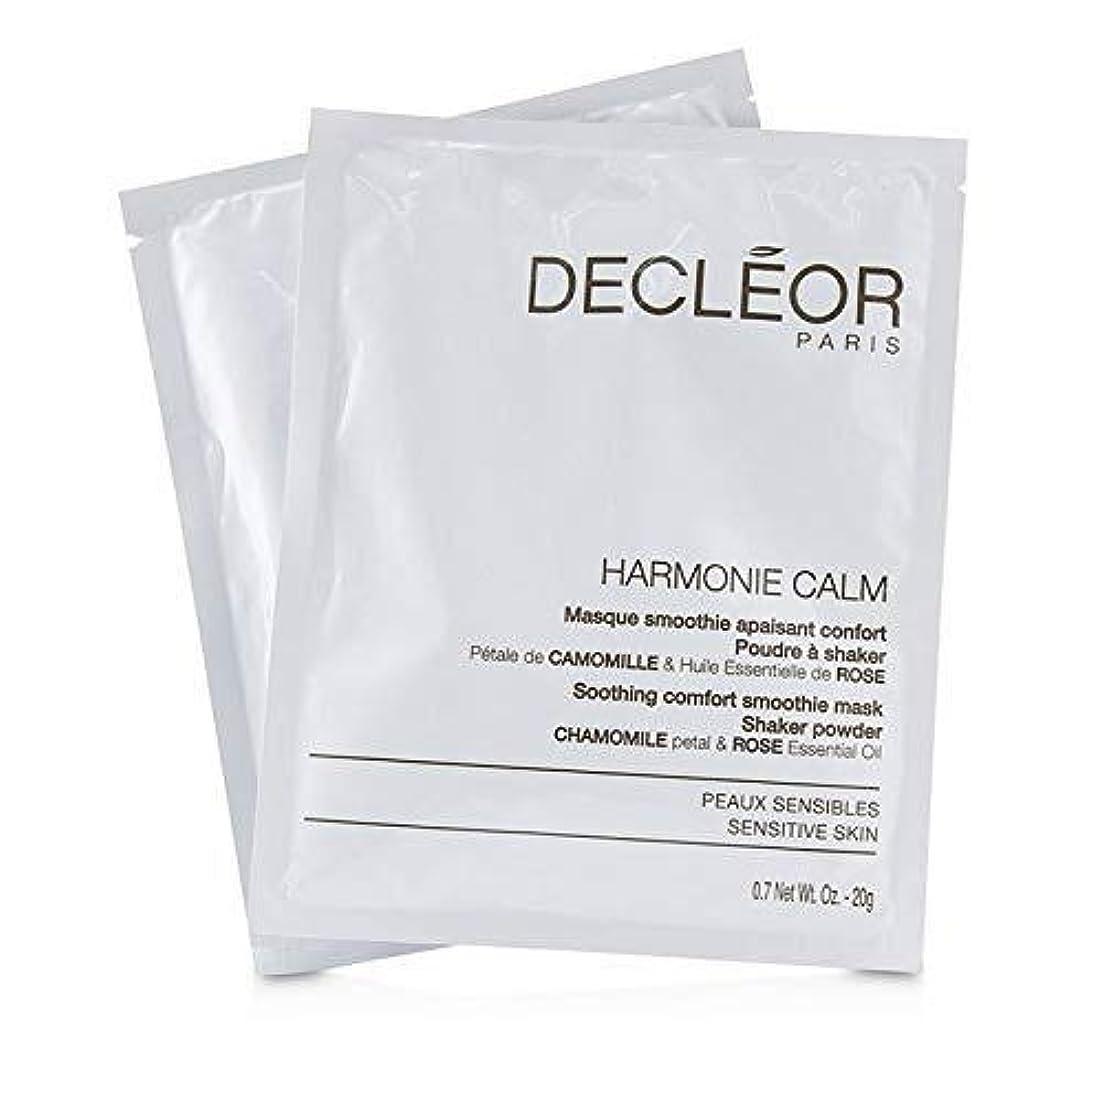 ズボン十分です是正するデクレオール Harmonie Calm Soothing Comfort Smoothie Mask Shaker Powder - For Sensitive Skin (Salon Product) 5x20g/0.7oz...